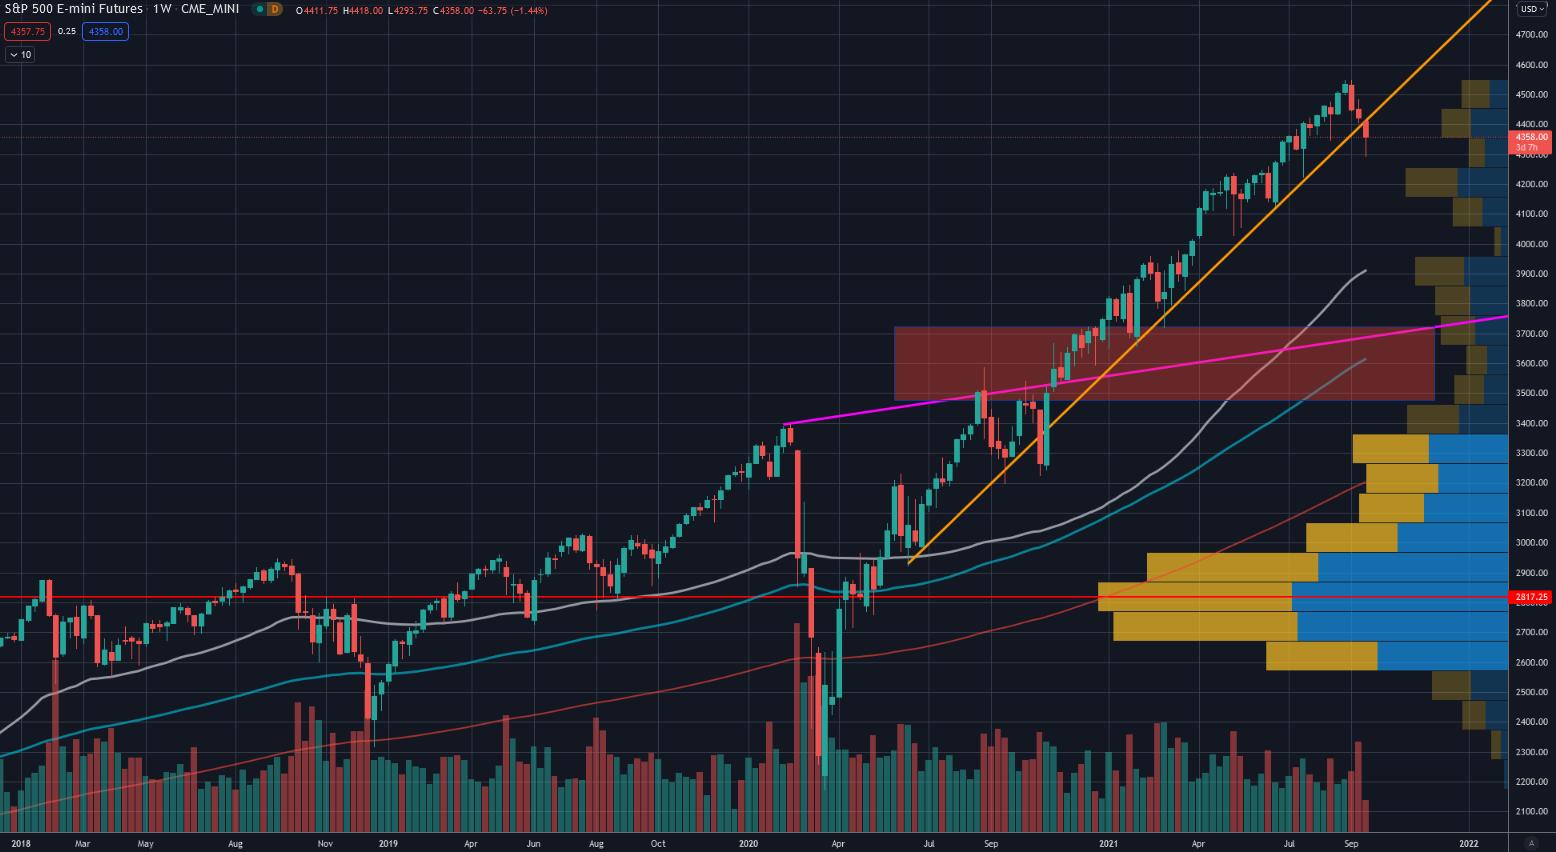 Trend Aktienmarkt seit Corona